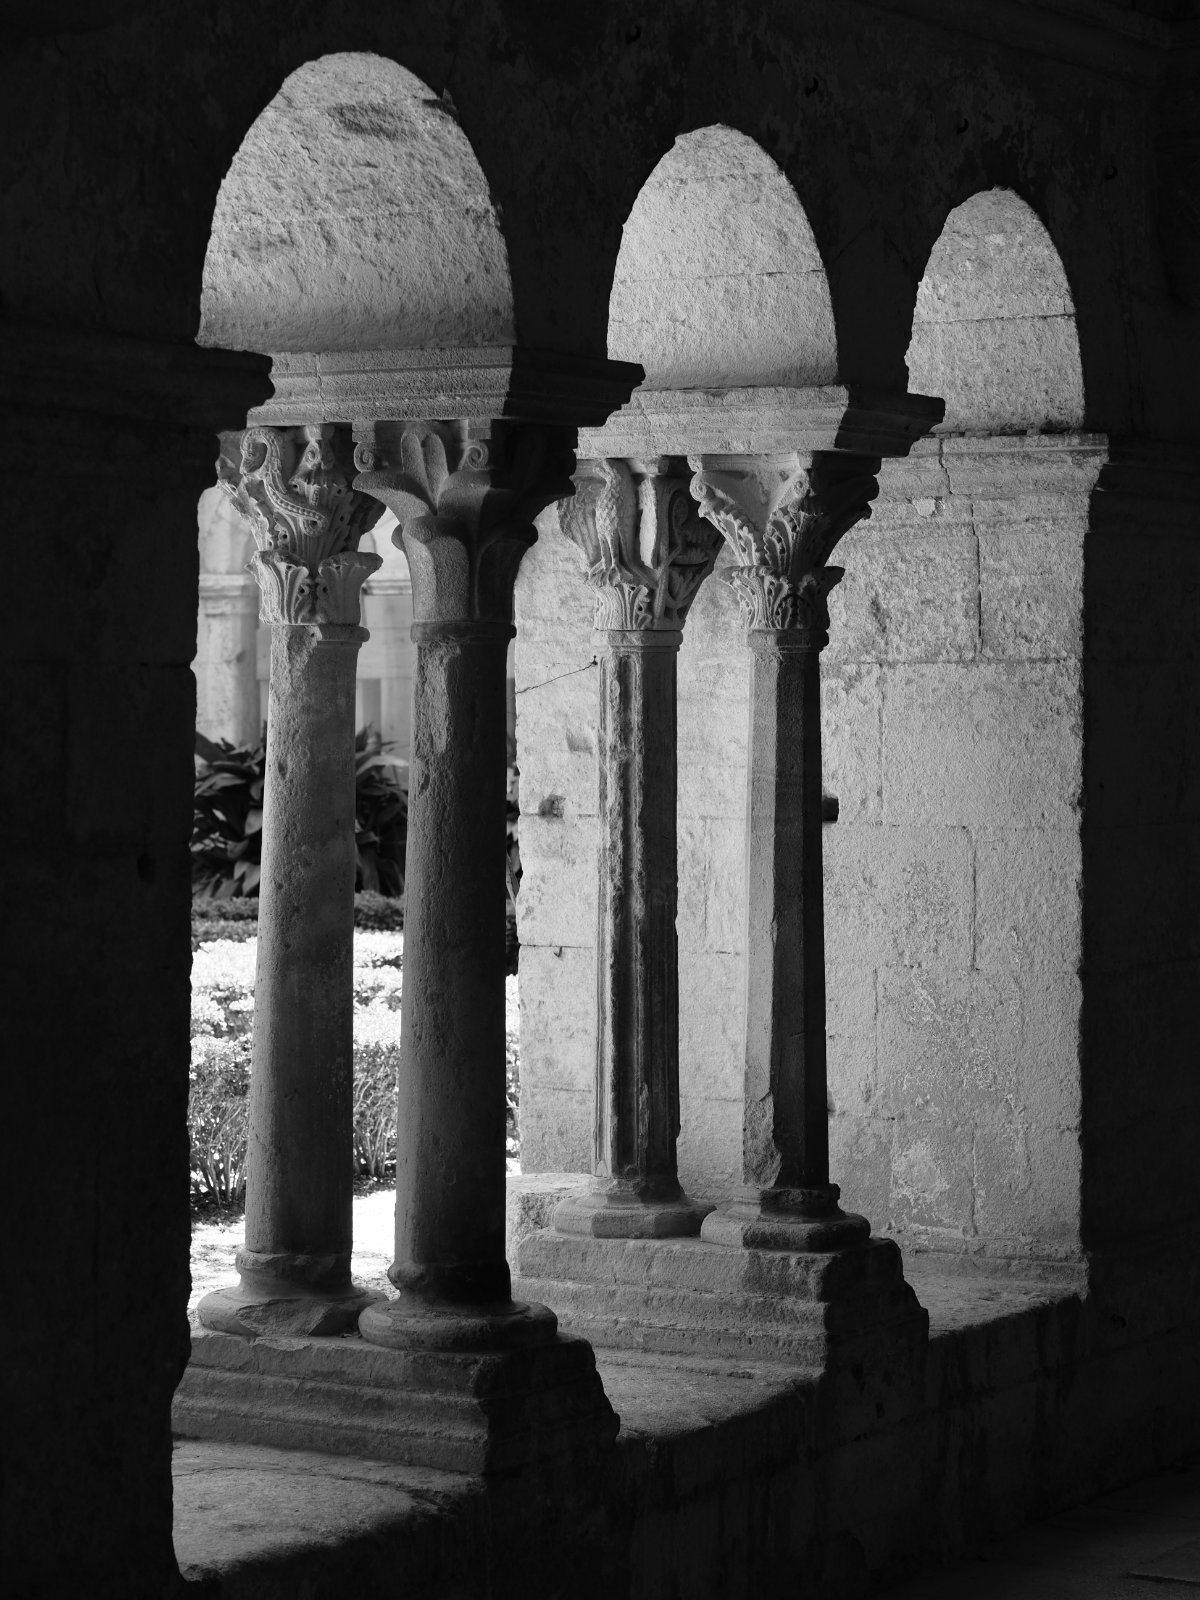 Saint-Paul-de-Mausole